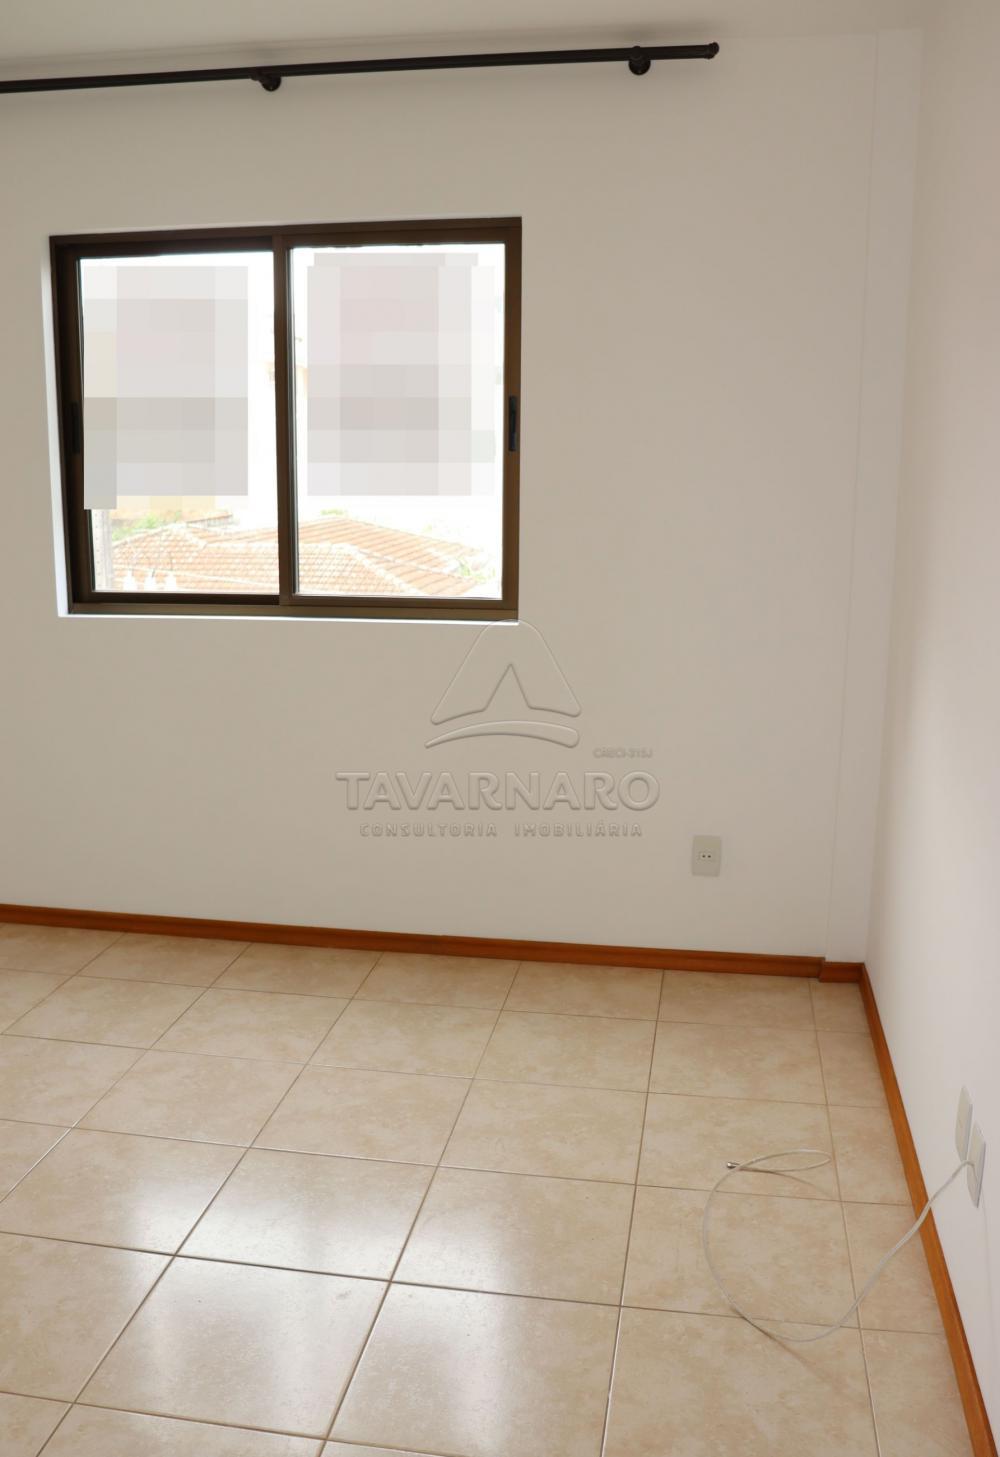 Alugar Apartamento / Padrão em Ponta Grossa R$ 1.000,00 - Foto 9